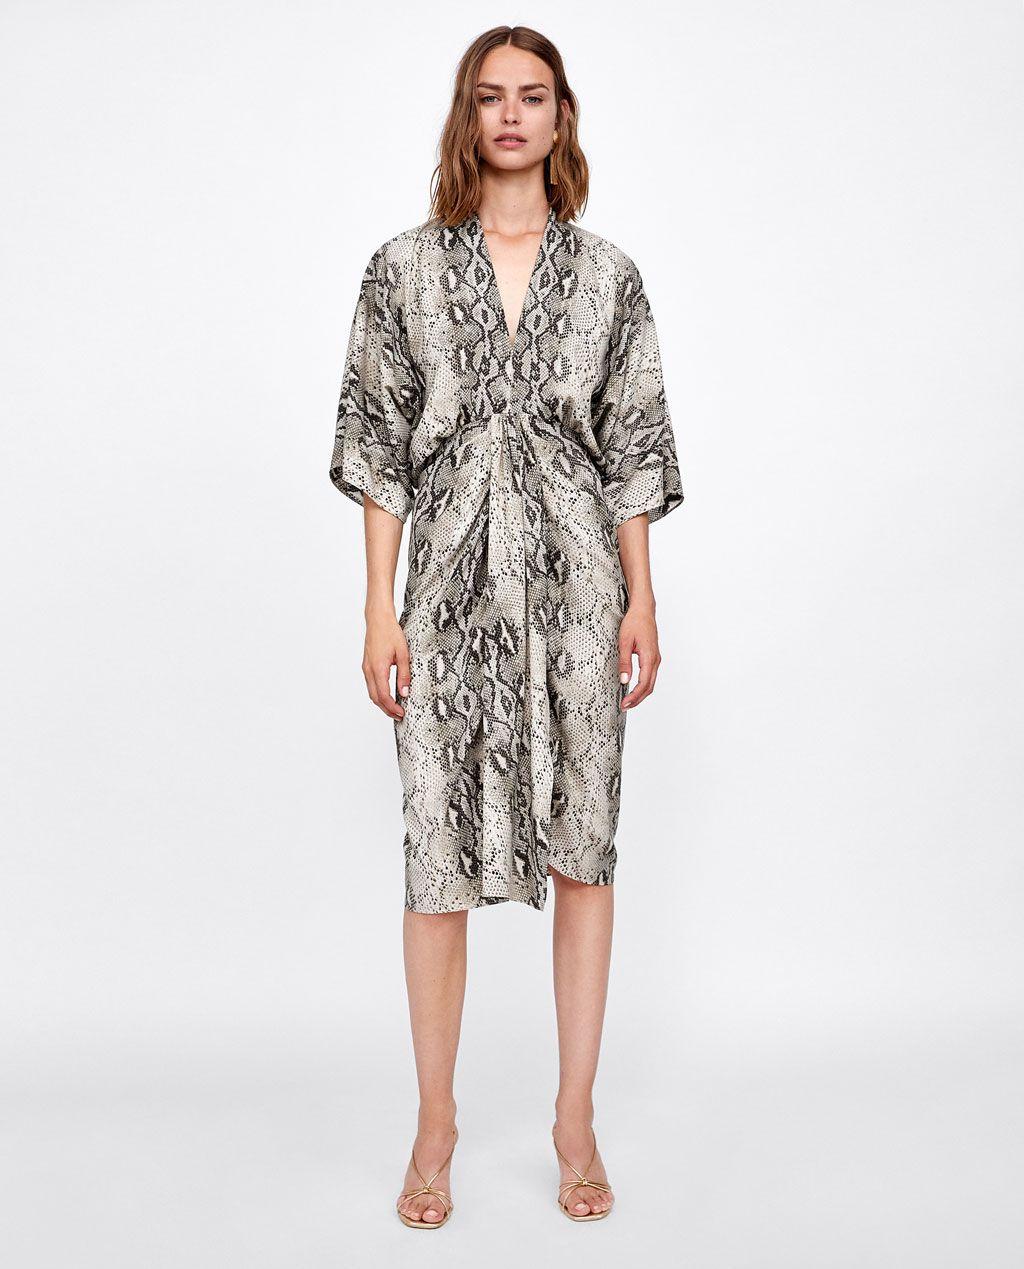 Dresses Estampado 2019 In DrapeadoOutfits❤️ Vestido ygYf6b7